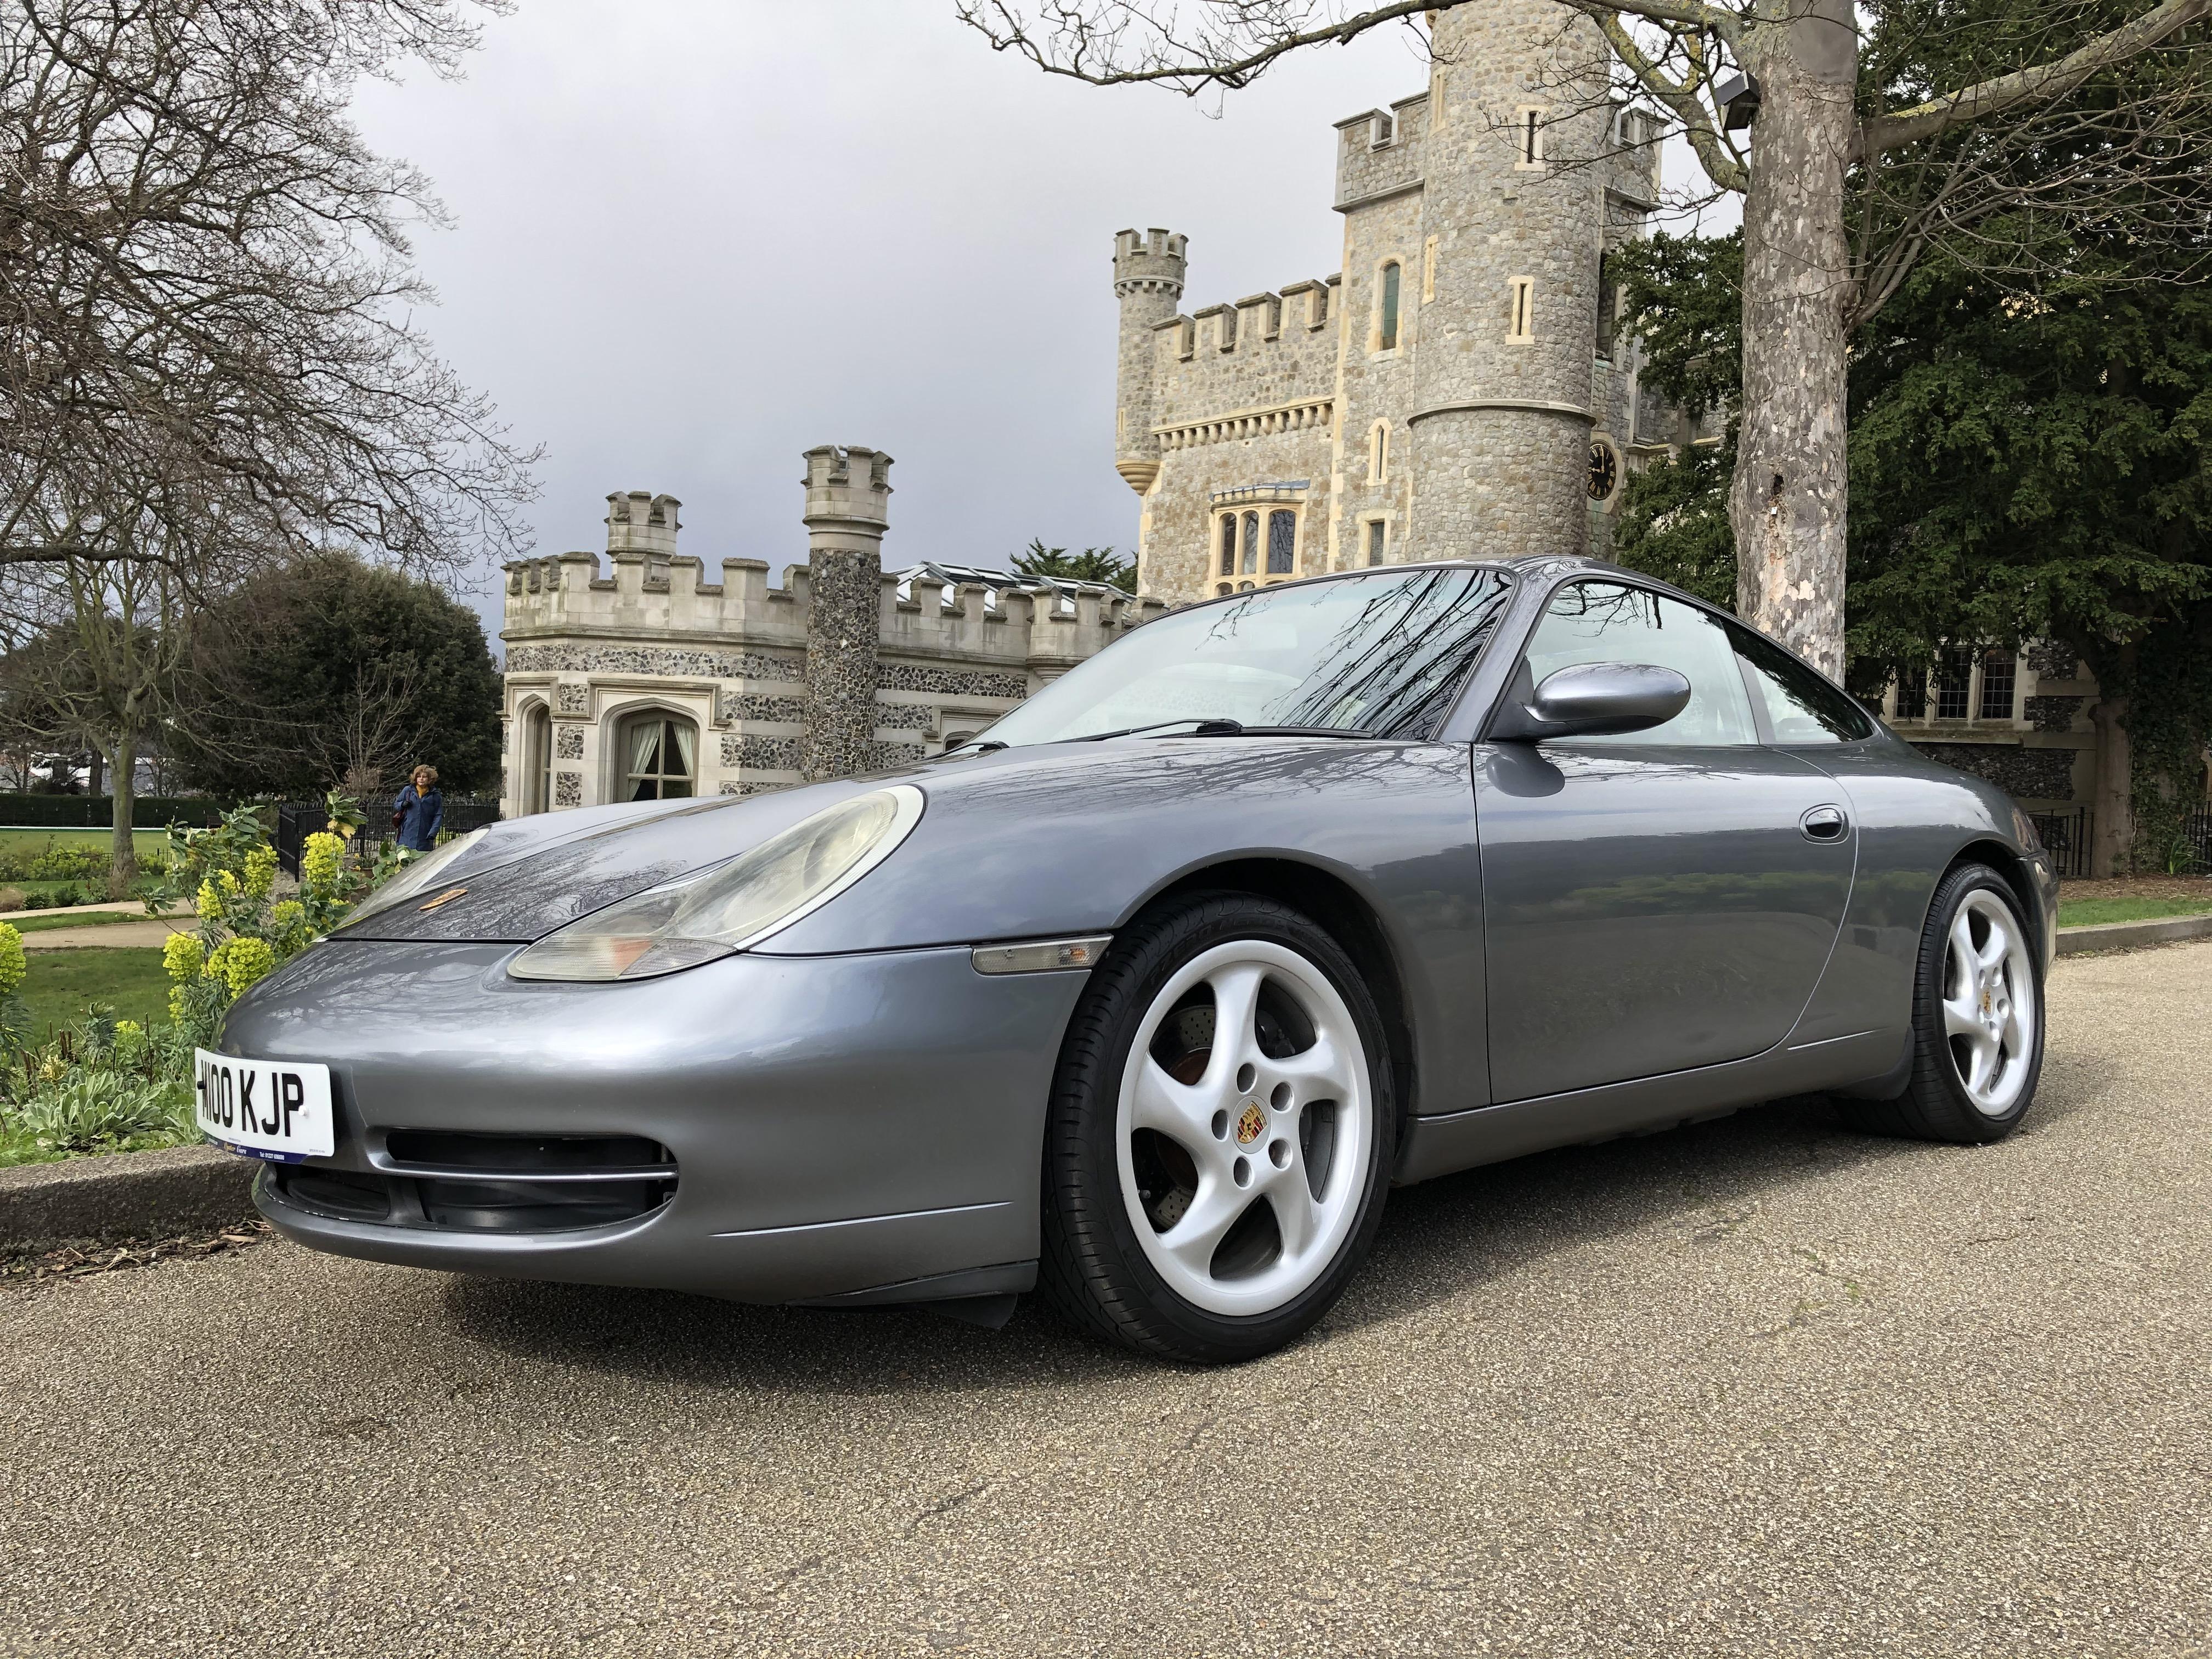 Porsche 911 056